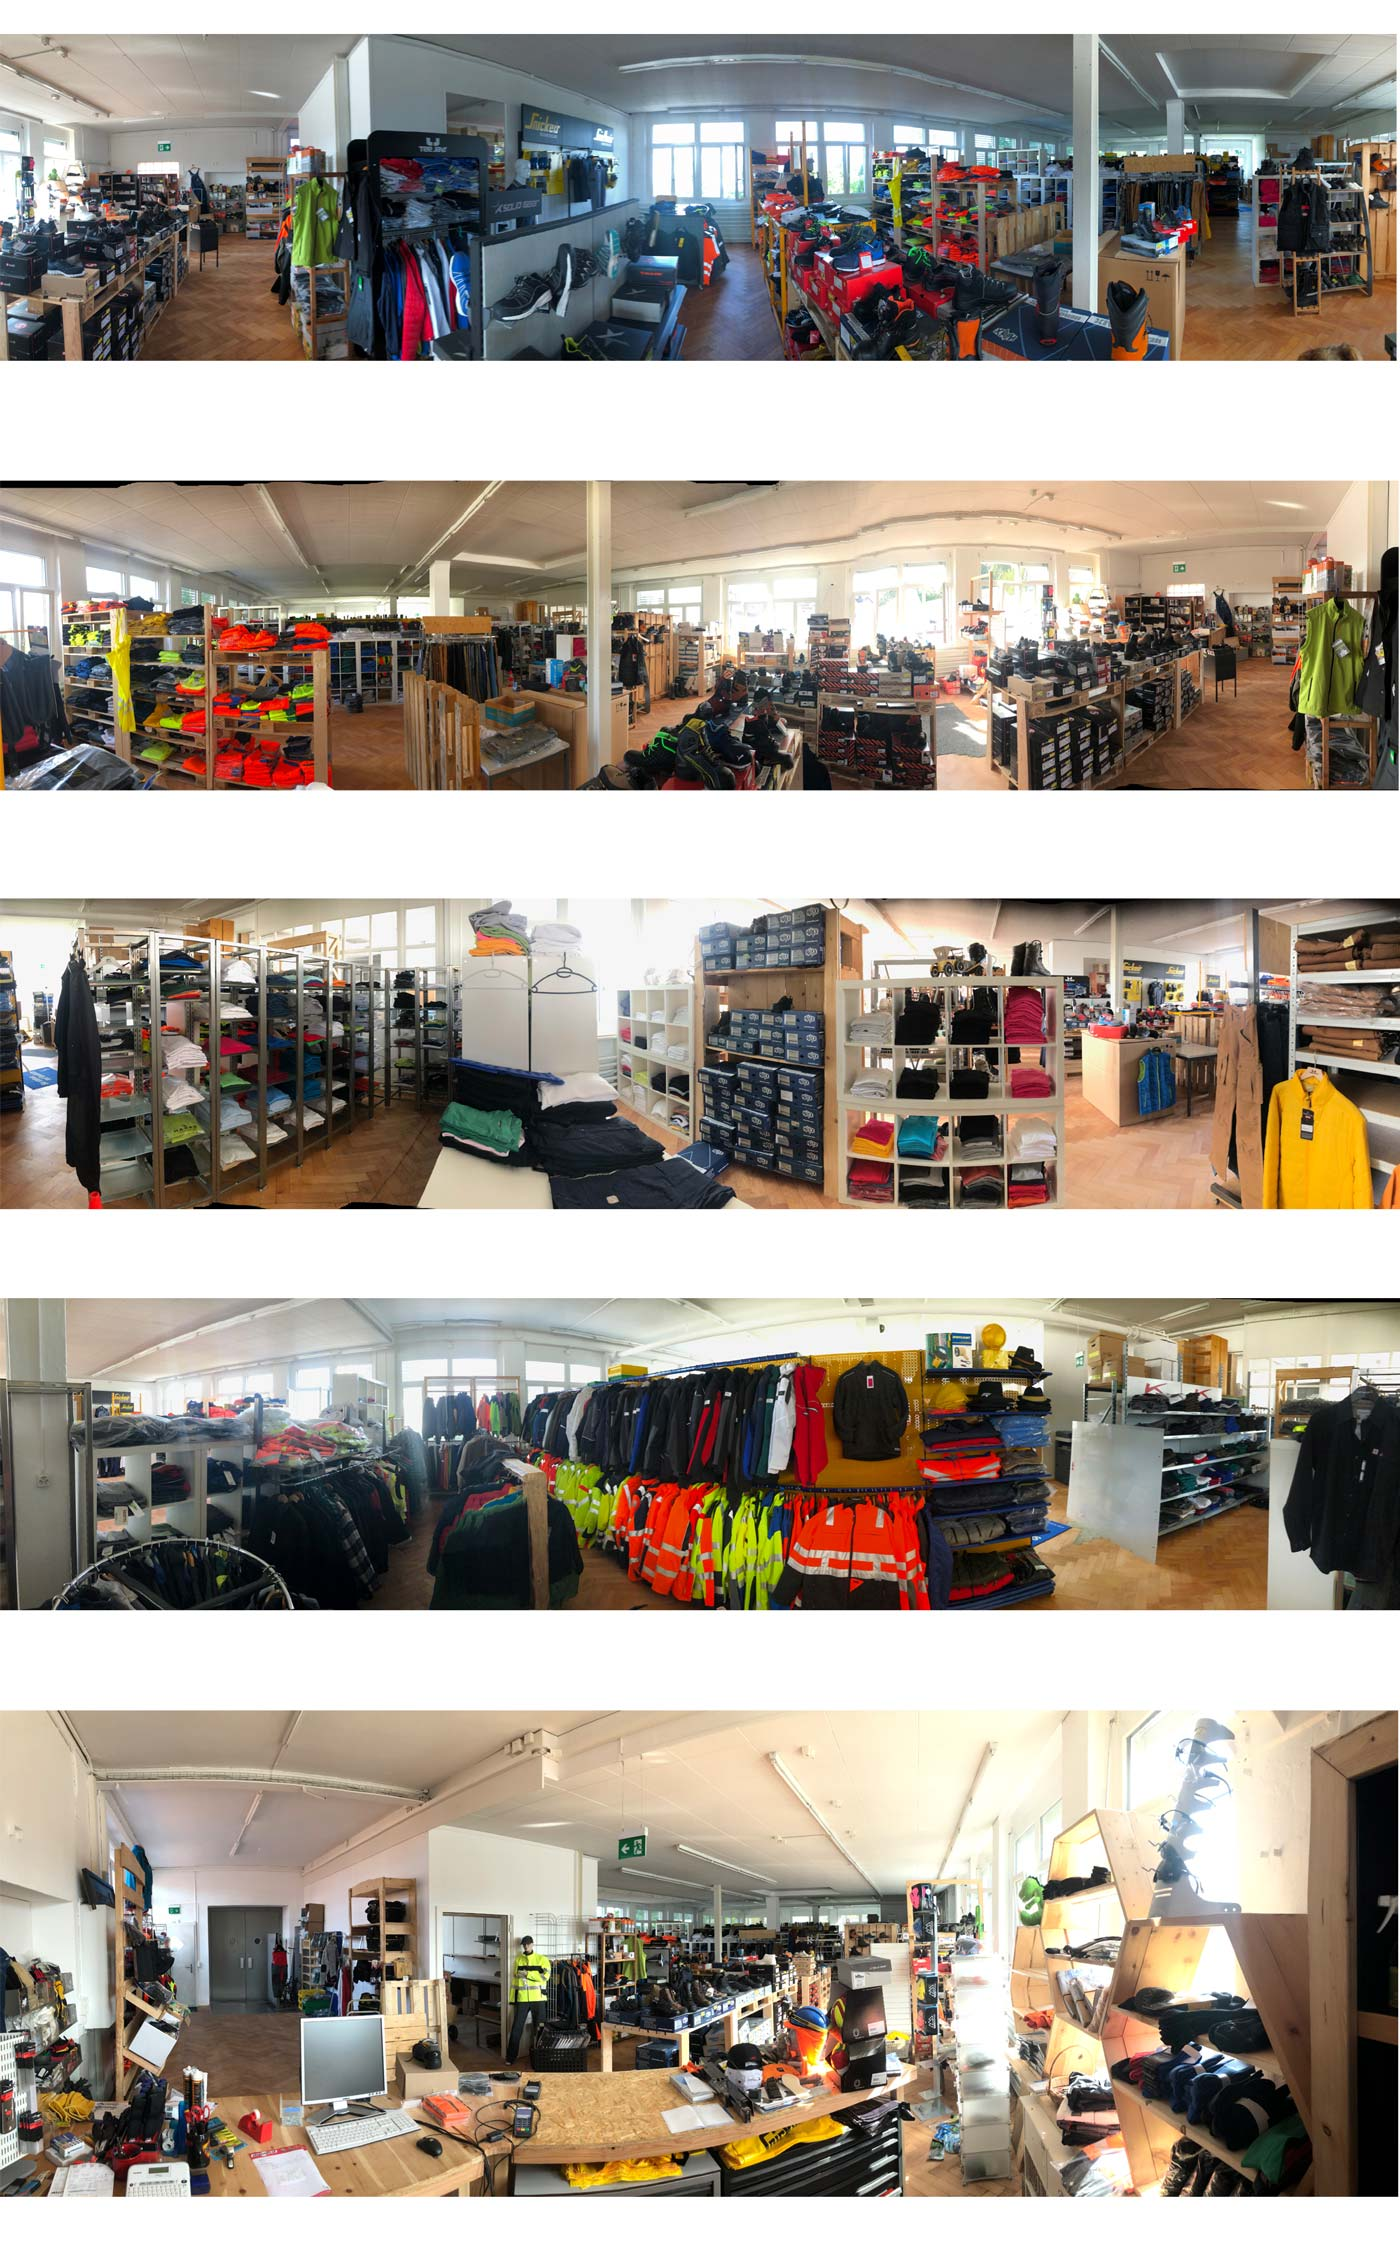 Impressionen-Ladengescha-ft-shopschwiiz-8580-Amriswil3VK8qM9v8AMq4